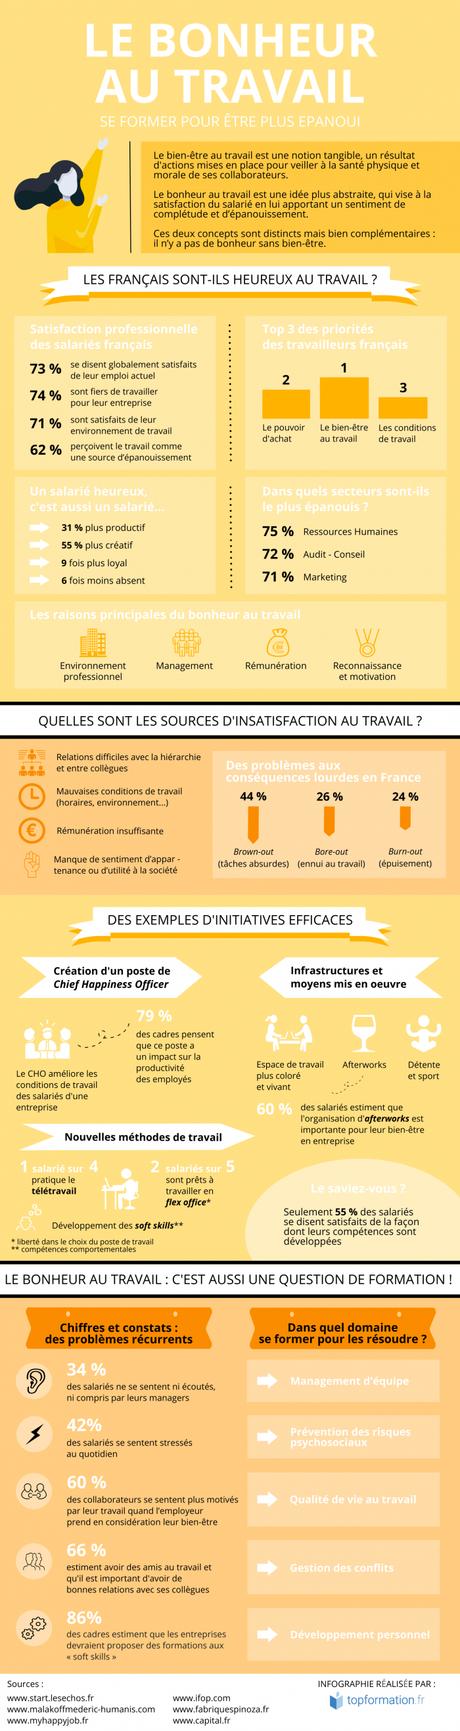 Infographie expliquant les différents facteurs du bonheur au travail